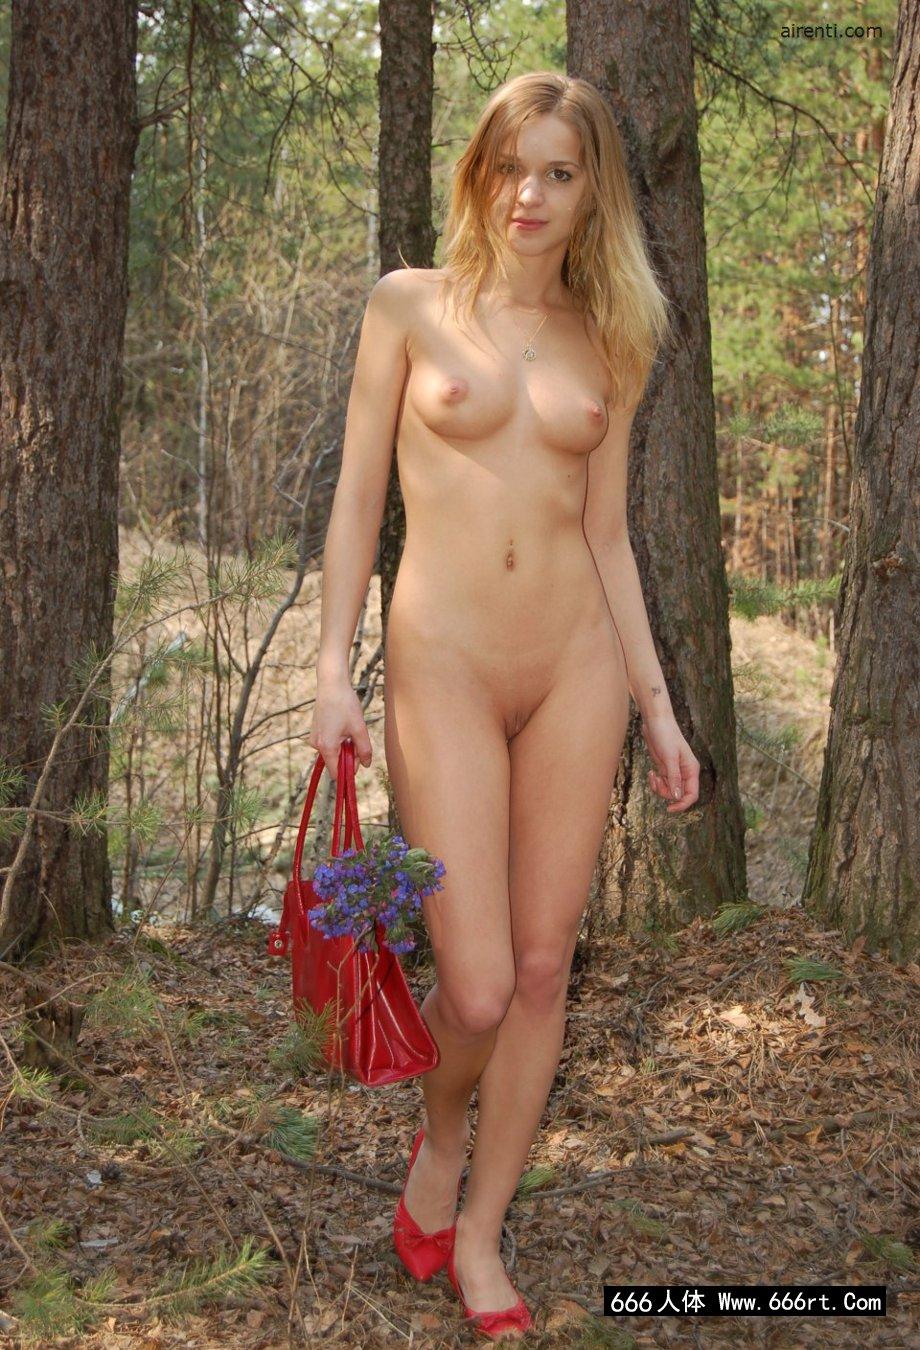 欧美最大胆人体艺术_俄罗斯美模Masha松树林外拍